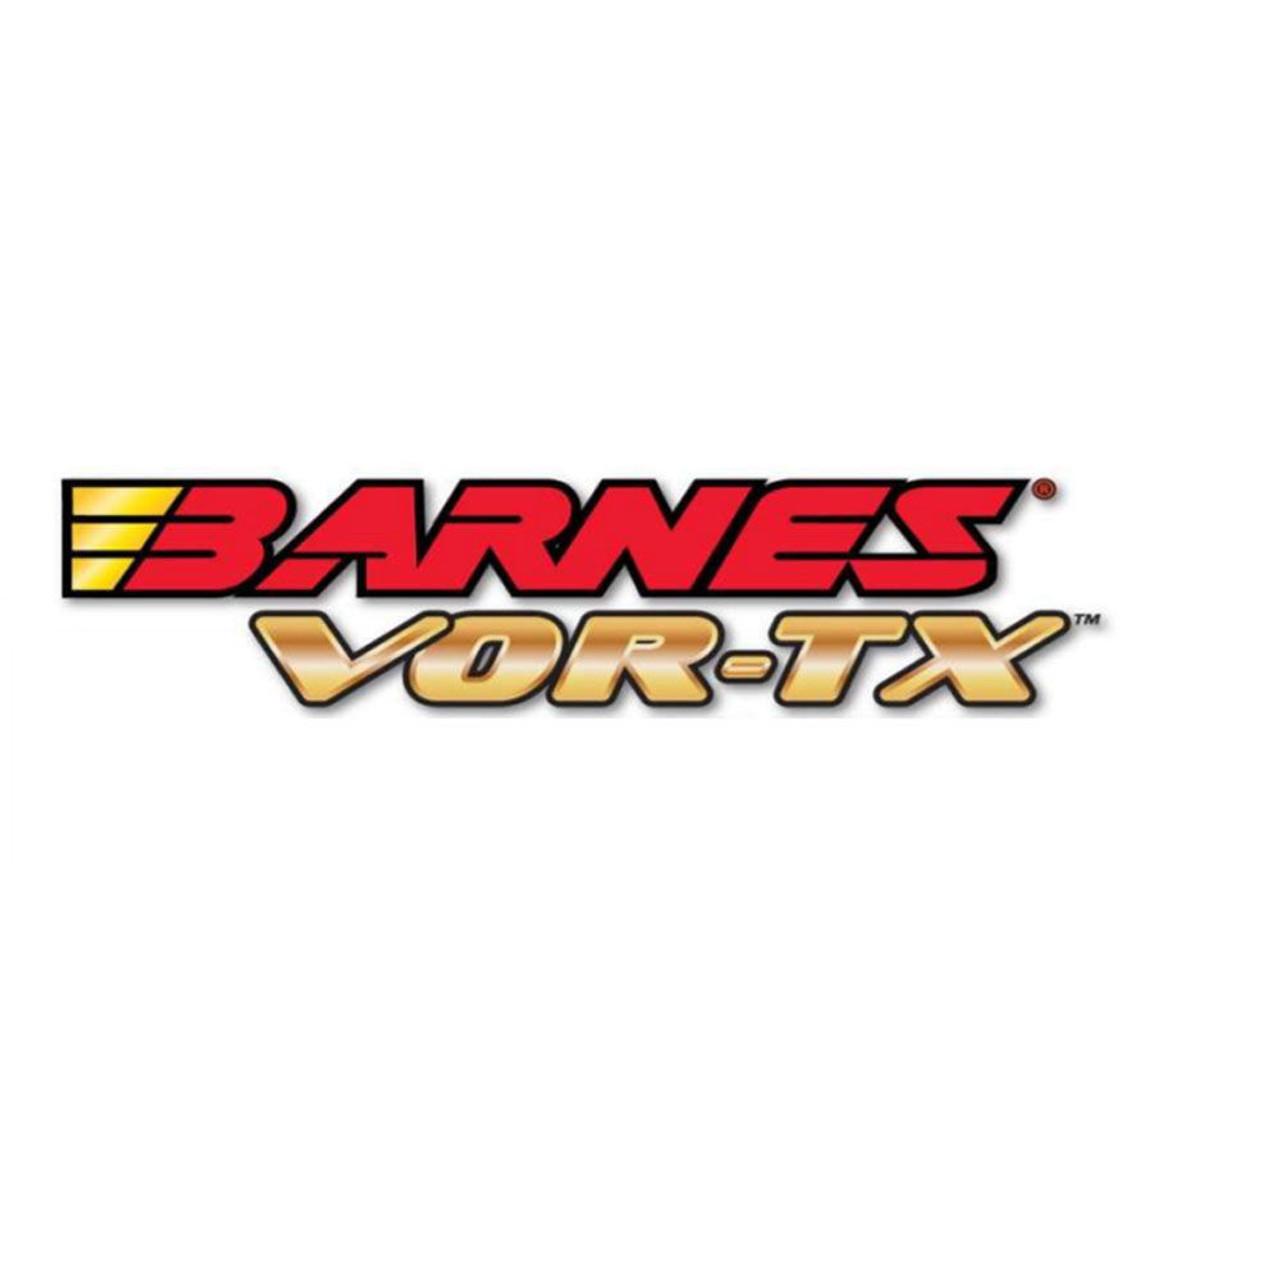 Image result for barnes vortx ammo logo